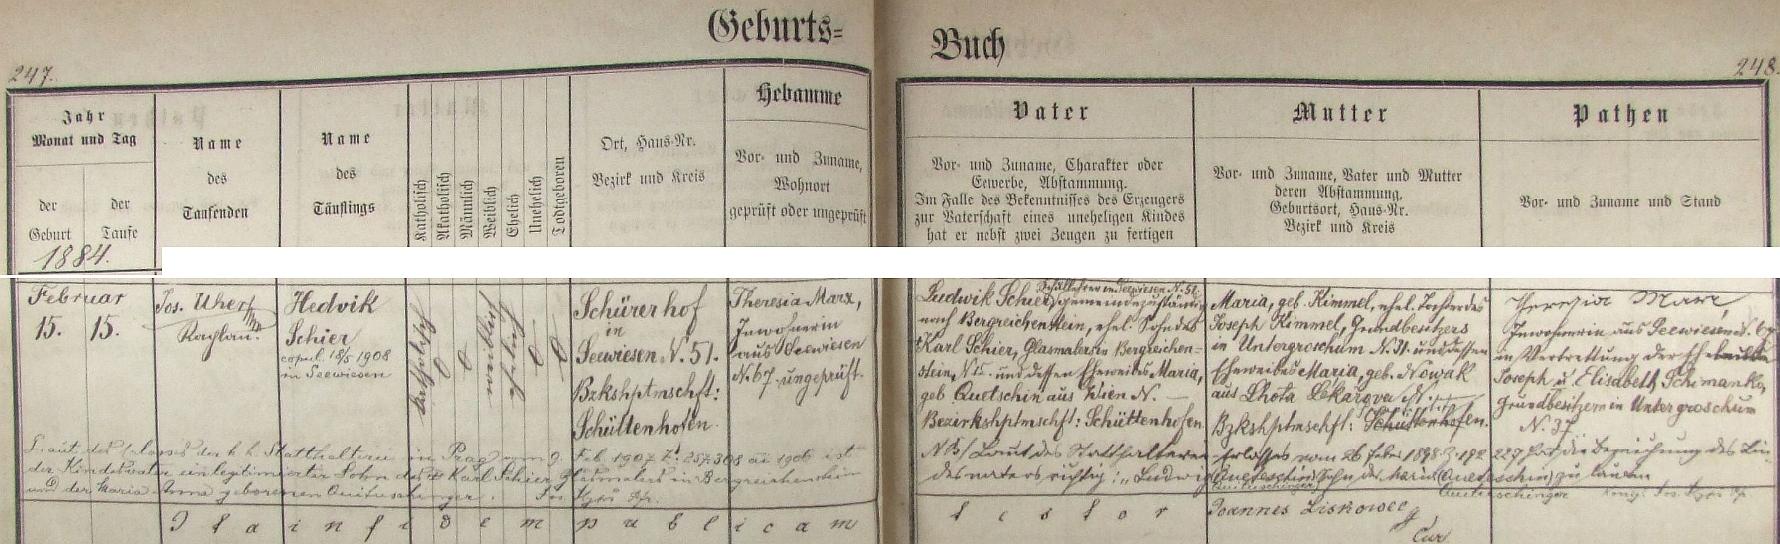 V zejbišské křestní matrice nacházíme tento záznam o narození dcery Hedviky i s daty otce a matky